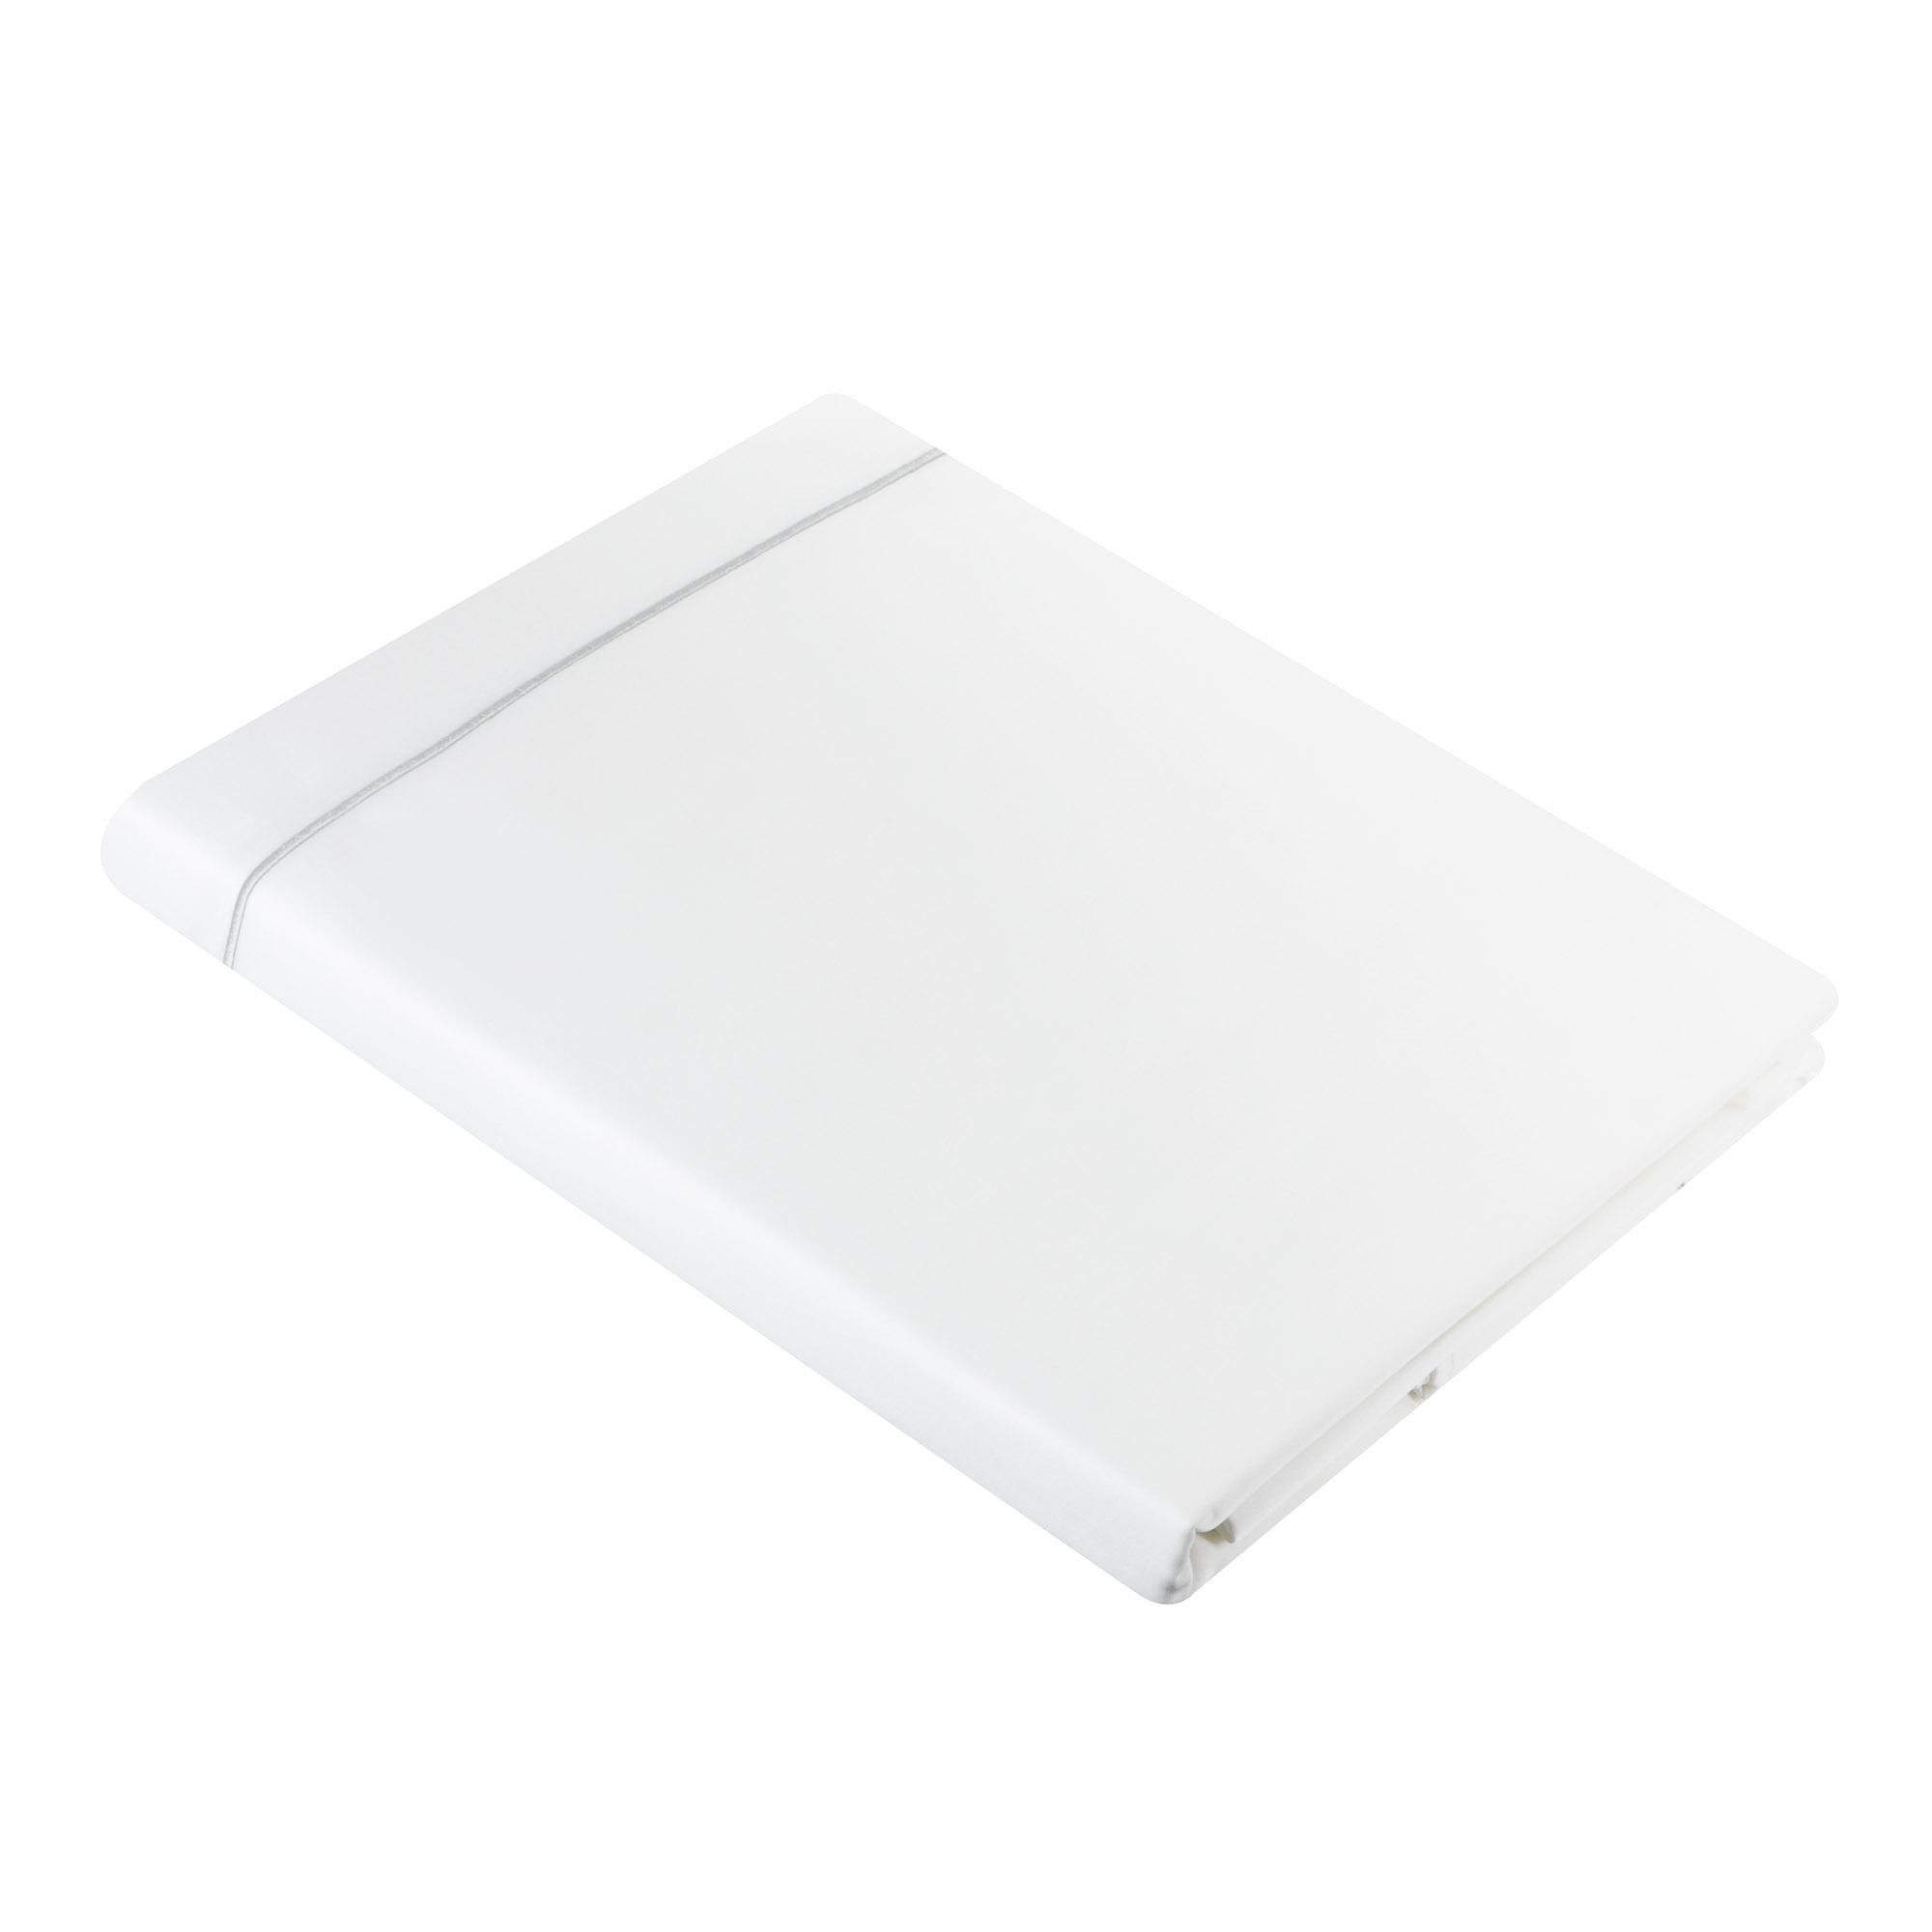 Пододеяльник Togas Джаспер белый/серый 200x210